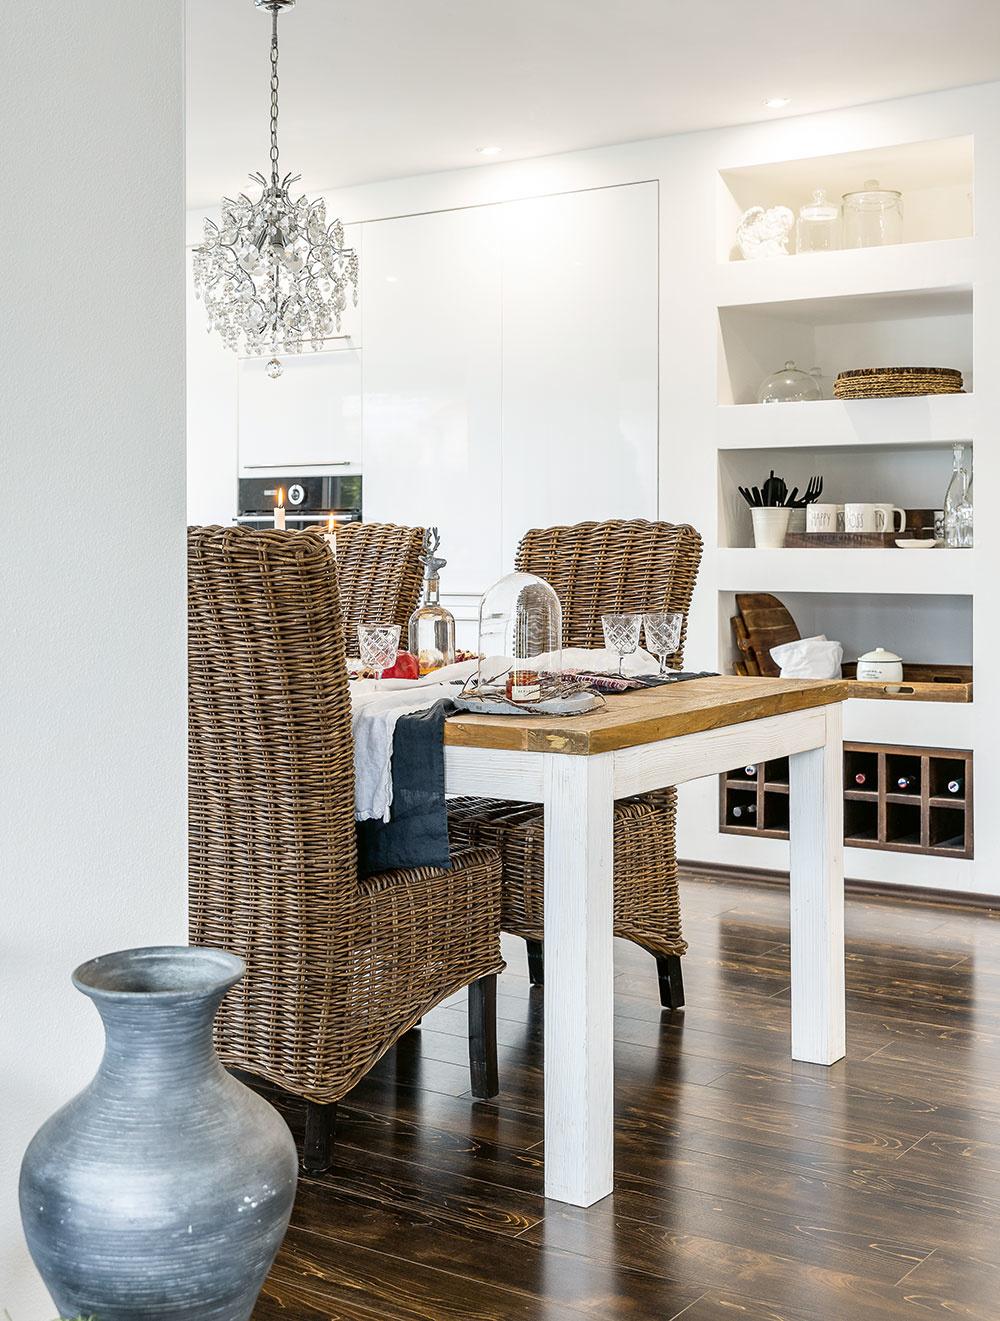 Kuchyňa sdvierkami svysokým leskom je dosadená priamo do steny